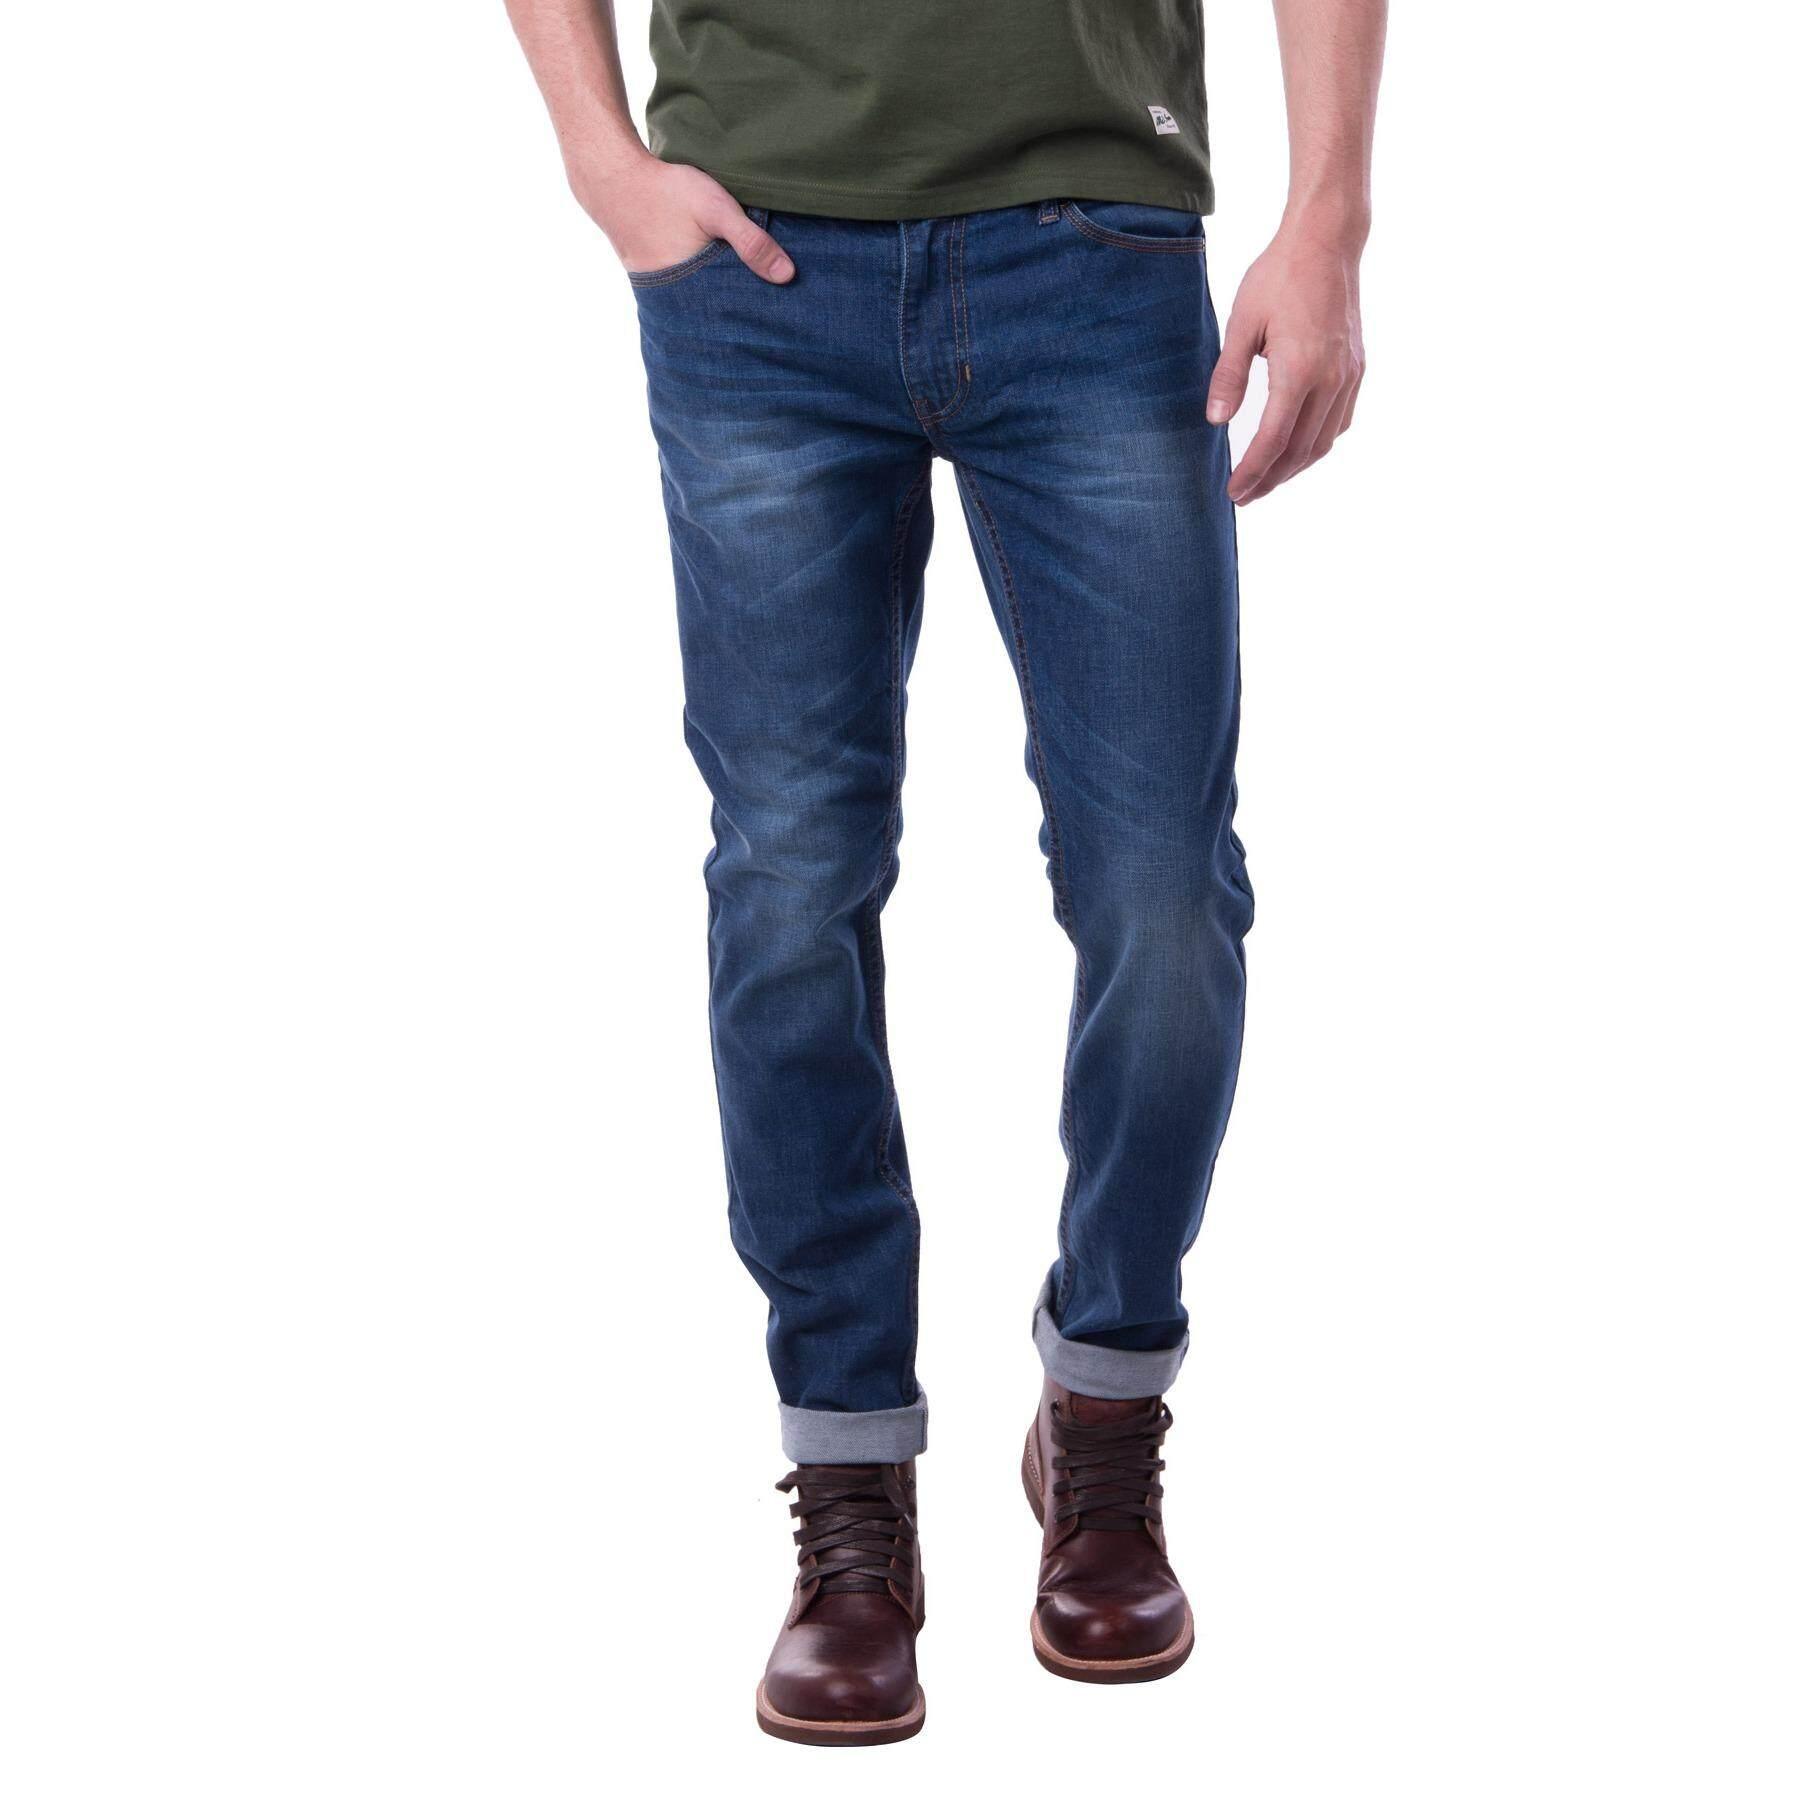 ขาย Mcjeans Slim Fit Jeans Mad617400 ใน ไทย